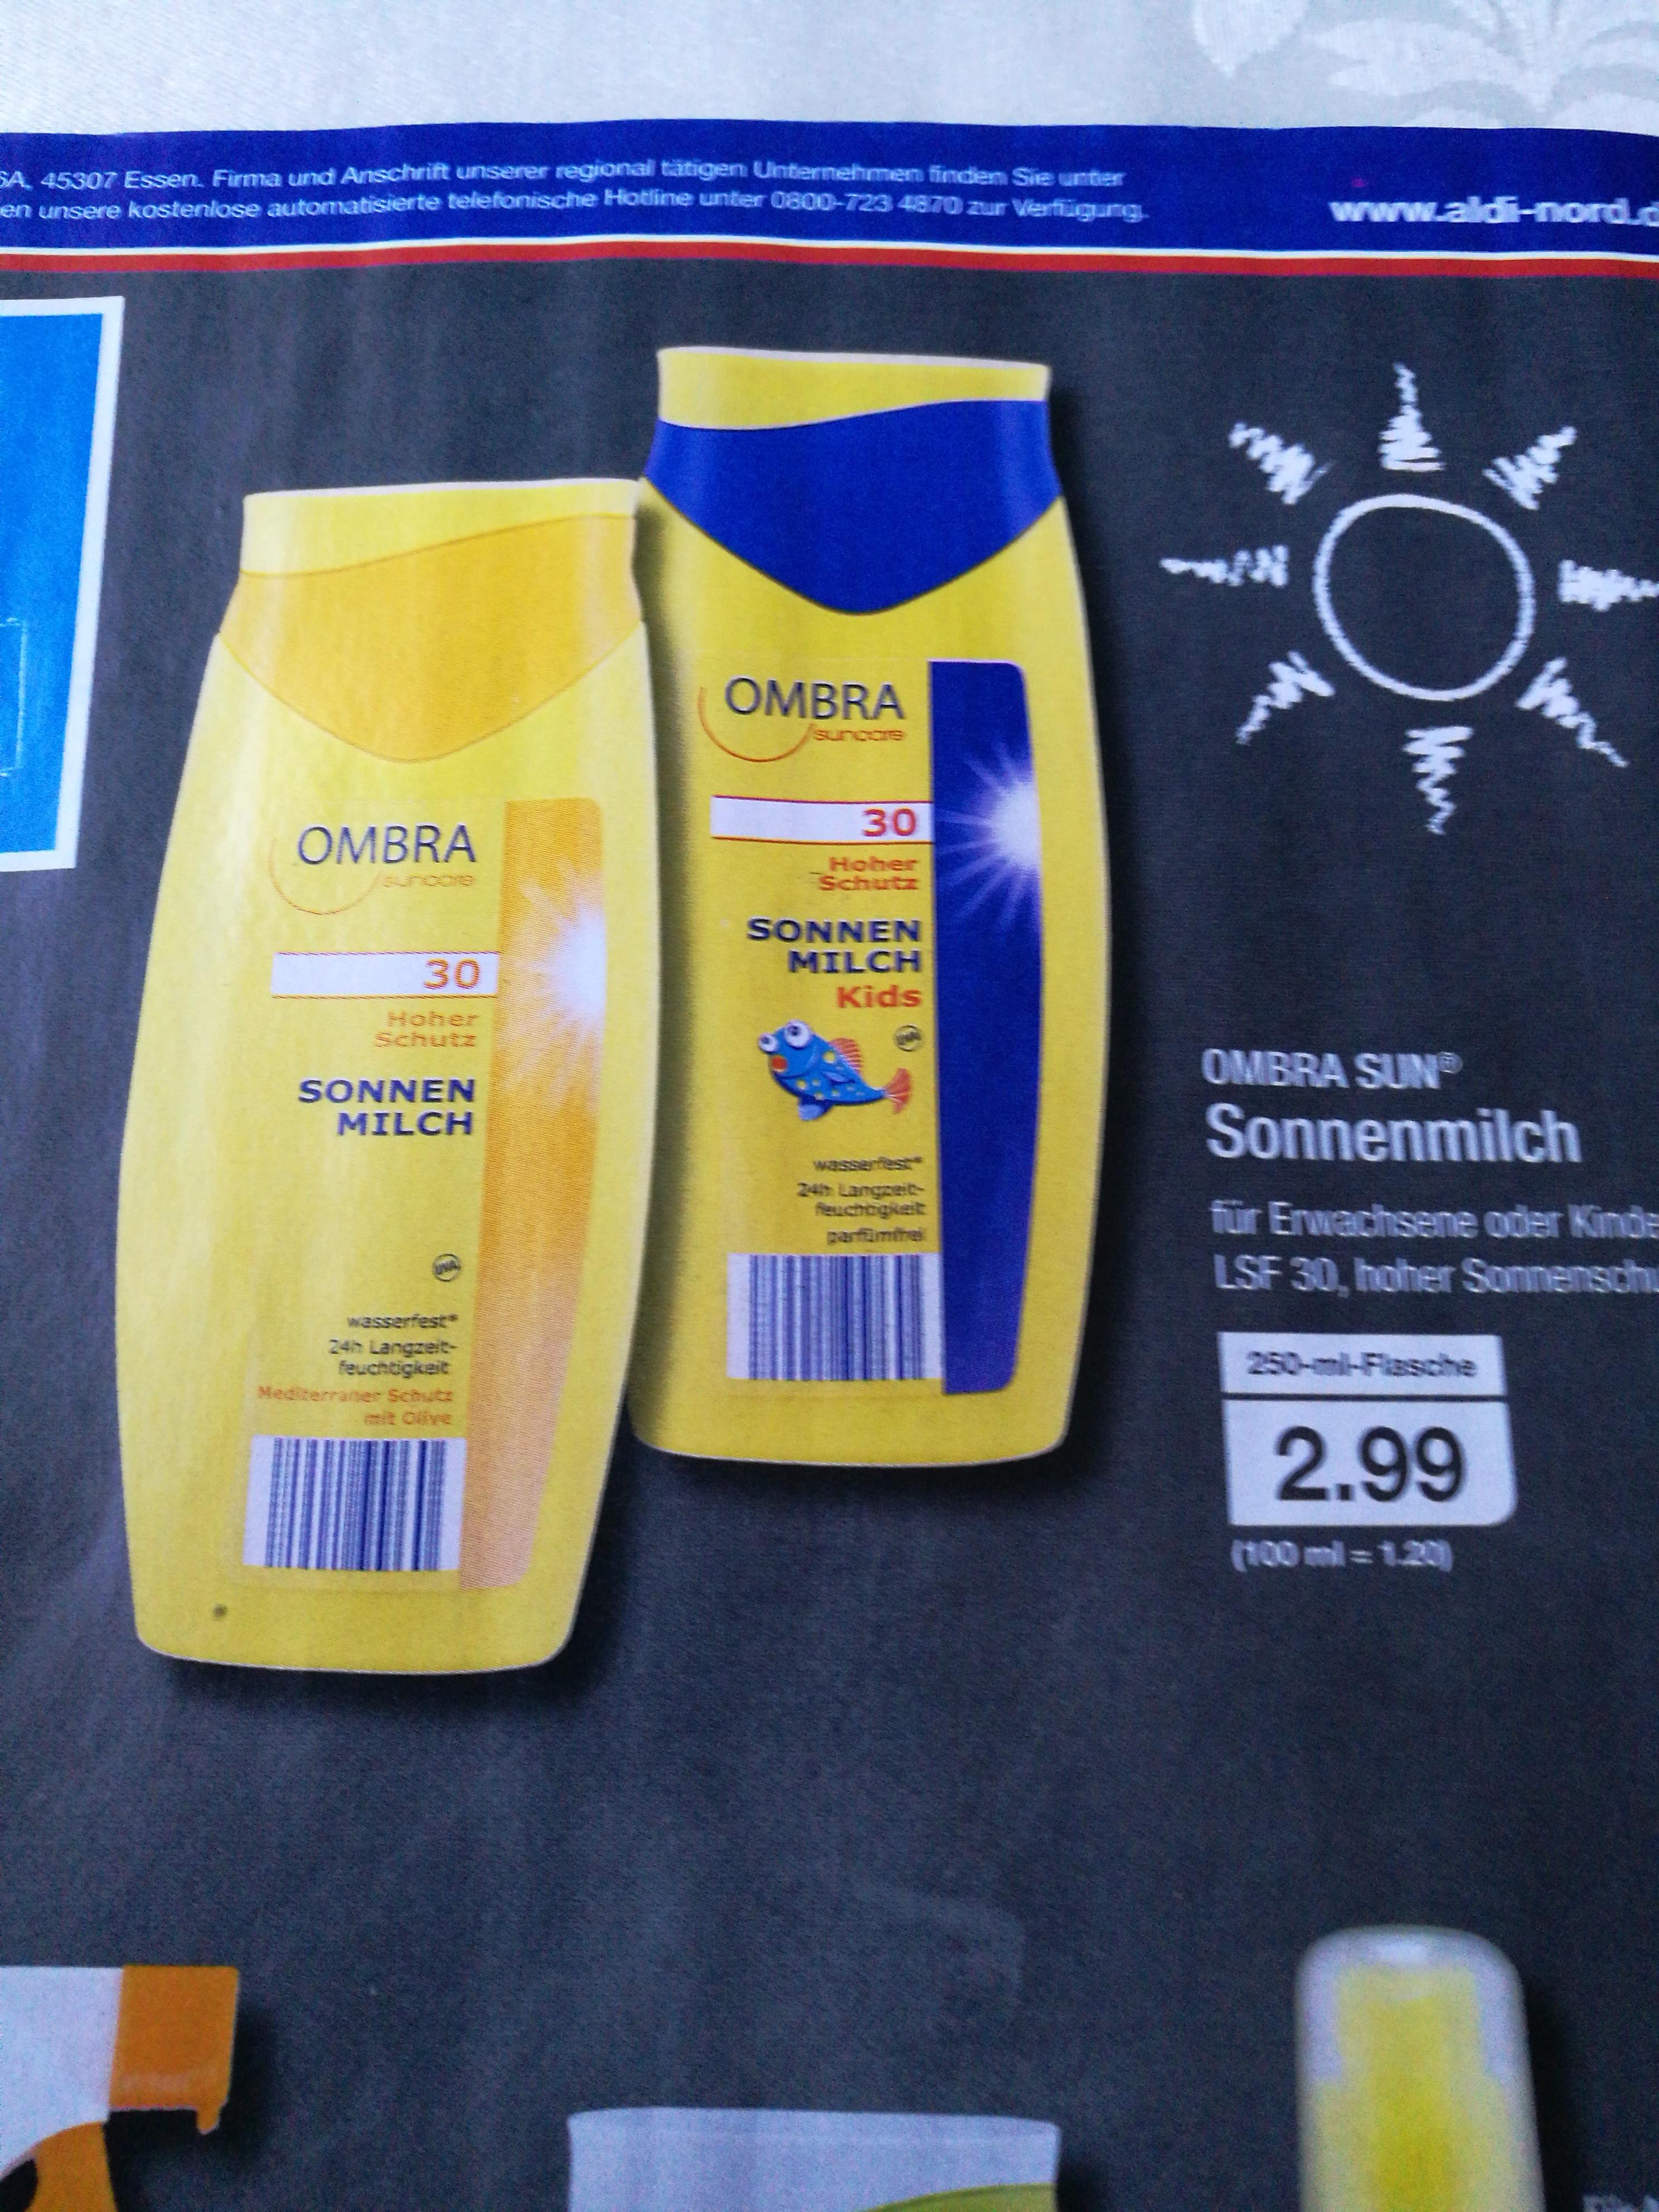 OMBRA Sun Sonnenmilch LSF30 (250 ml) für 2,99€ @Aldi Nord